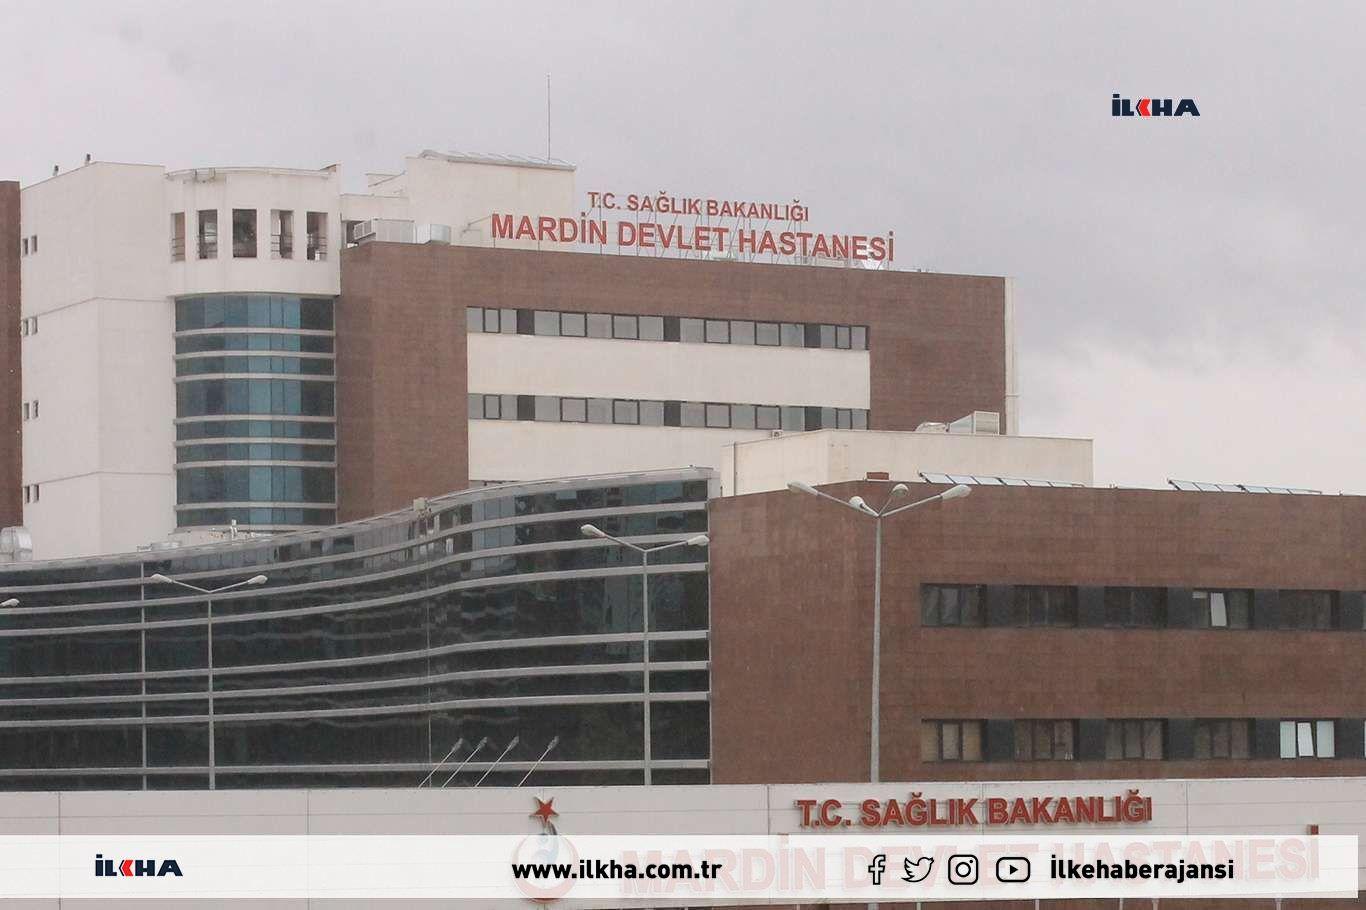 """Mardin Devlet Hastanesi """"Eğitim ve Araştırma Hastanesi"""" statüsüne kavuştu"""